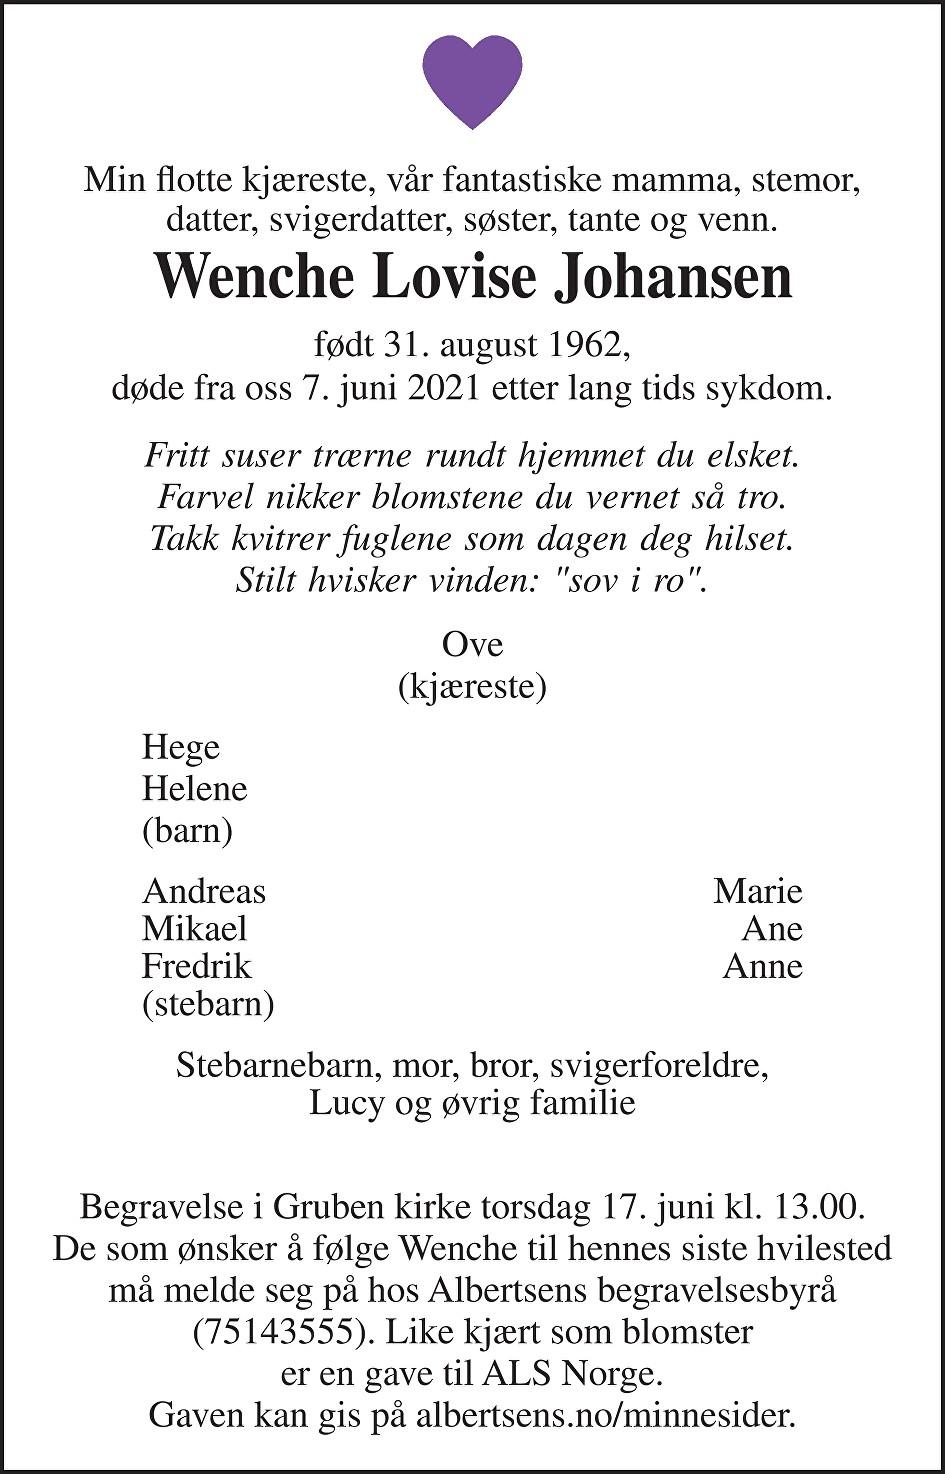 Wenche Lovise Johansen Dødsannonse